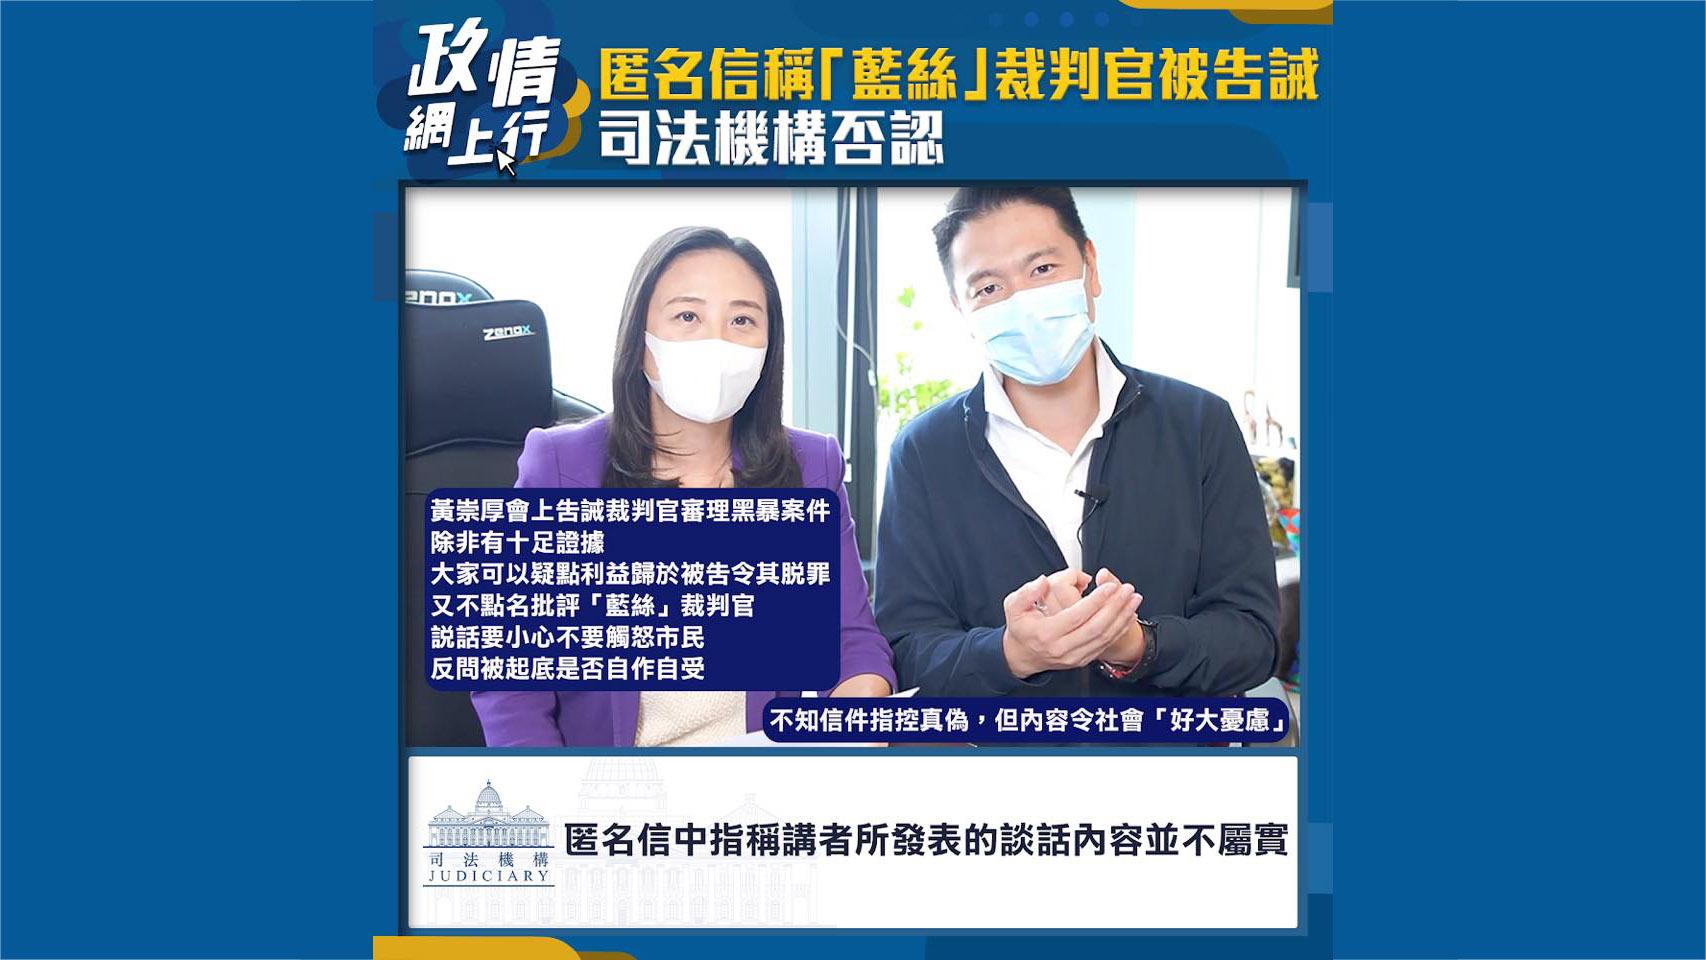 【政情網上行】匿名信稱「藍絲」裁判官被告誡 司法機構否認